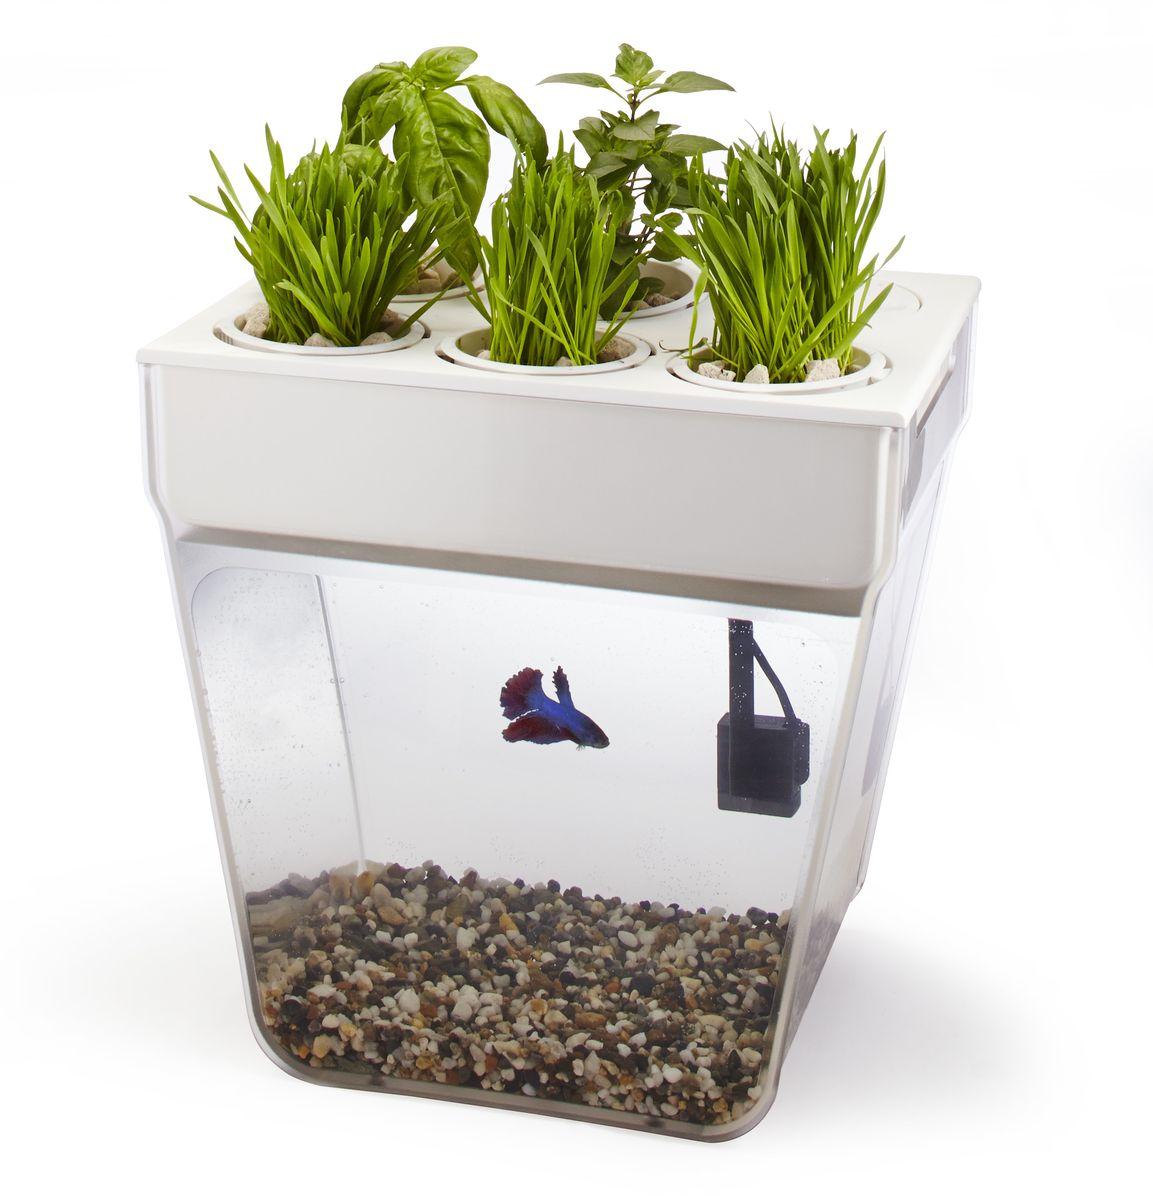 Игровой набор Аква-ферма31001Акваферма представляет собой замкнутую экосистему, поддерживающую баланс между растениями и рыбкой. Эдакий самоочищающийся аквариум, который выращивает урожай. Это действительно мини-ферма, благодаря которой любой городской житель может обеспечивать себя свежей зеленью к столу. Вы выращиваете свой собственный урожай и одновременно наблюдаете за жизнью рыбки, а все заботы о чистоте ее аквариума берут на себя растения. Система регулирует сама себя. Акваферма производится в США. В набор Аквафермы входит все необходимое для создания полноценной эко-фермы. Просто добавьте рыбку!